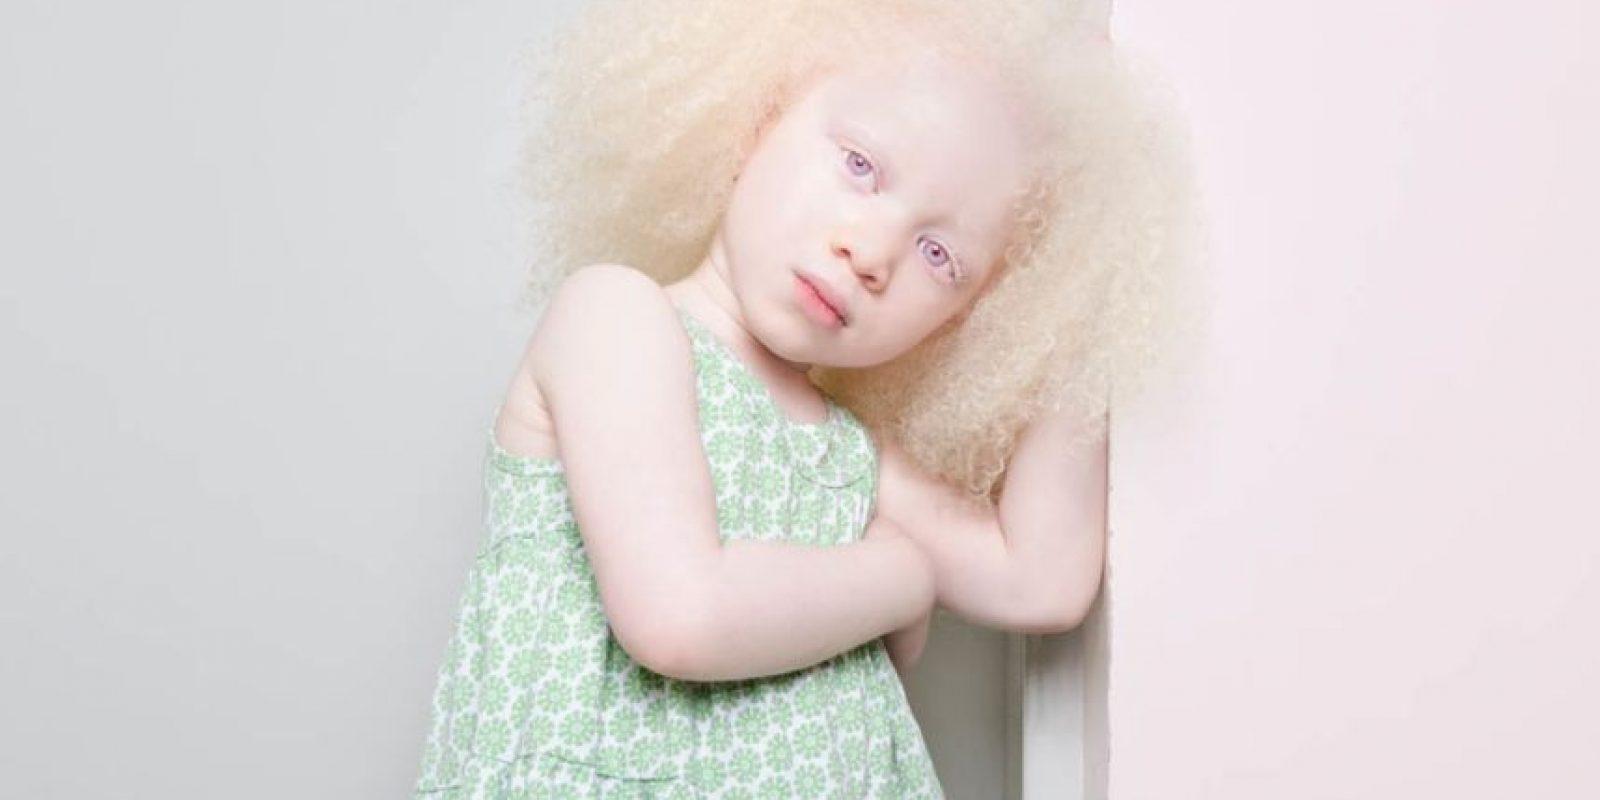 Generalmente se nota en el cabello, la piel y los ojos Foto:Vía www.angelinadauguste.com